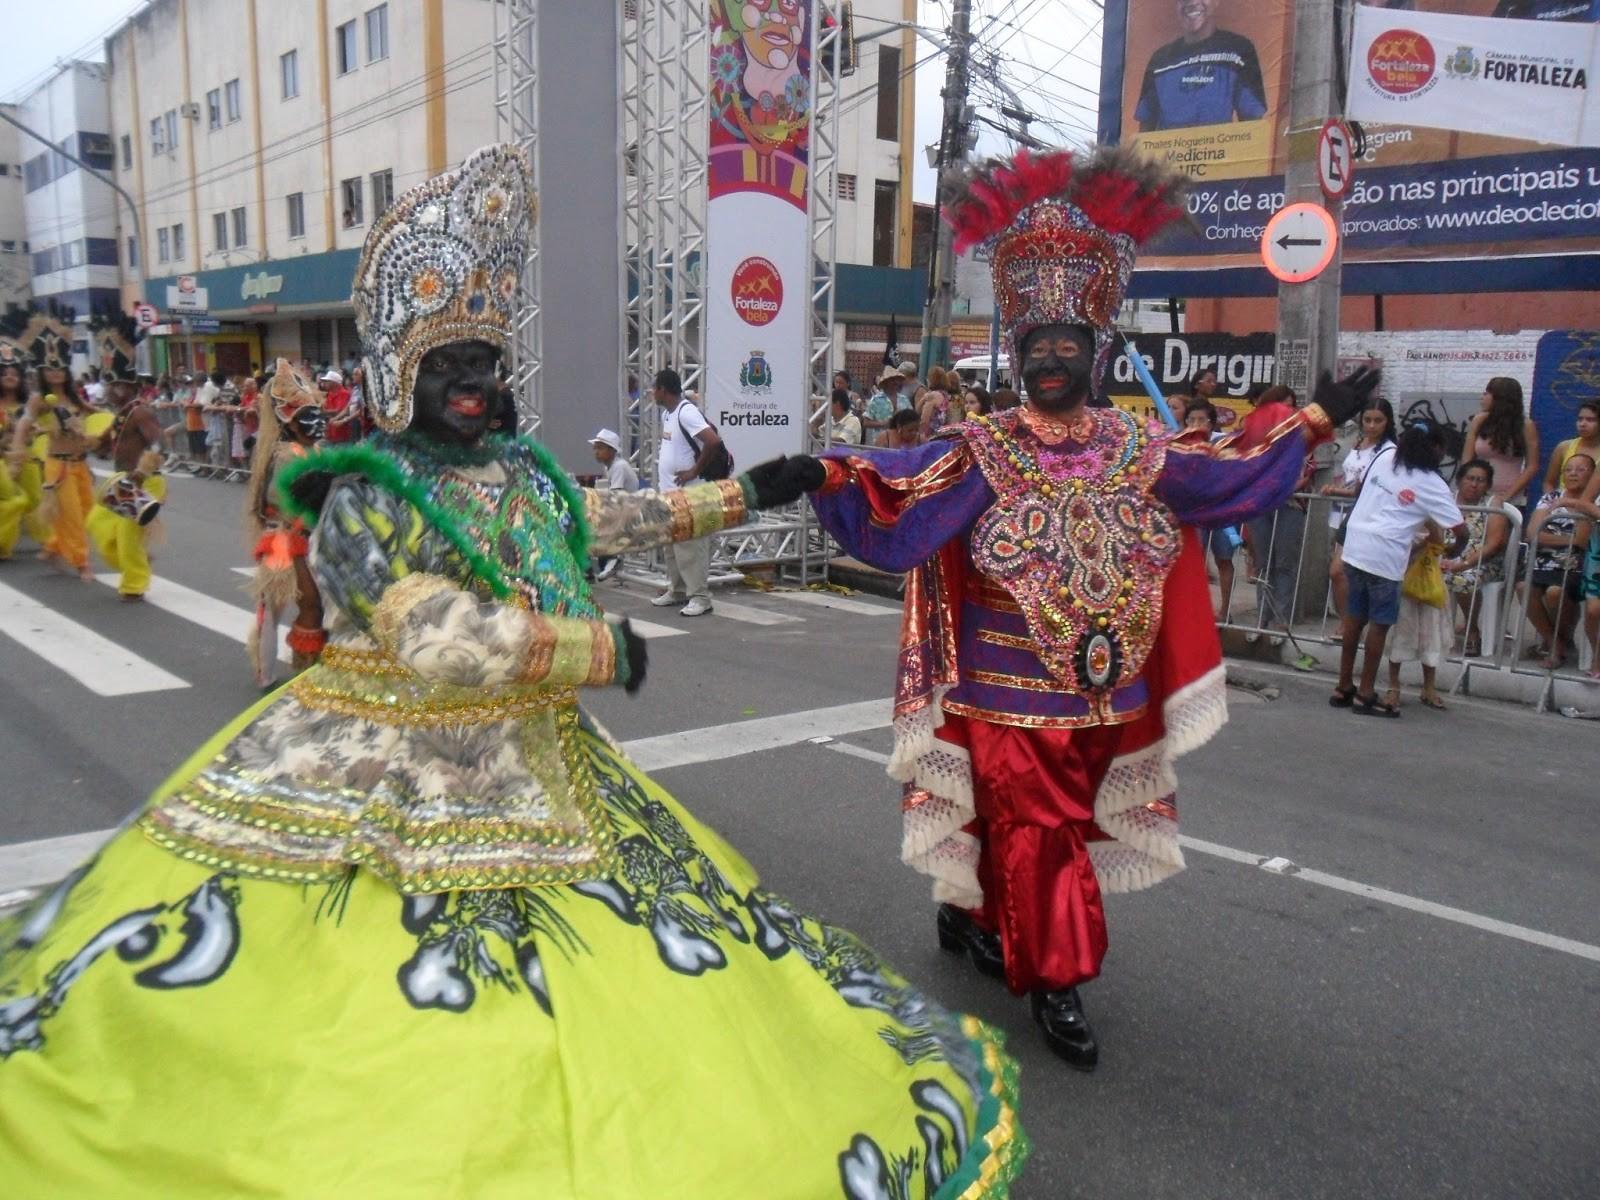 O carnavalesco Isidoro dos Santos referªncia do carnaval cearense que será homenageada no Carnaval de Rua de Fortlaeza este ano desfilou em 2012 no Maracatu